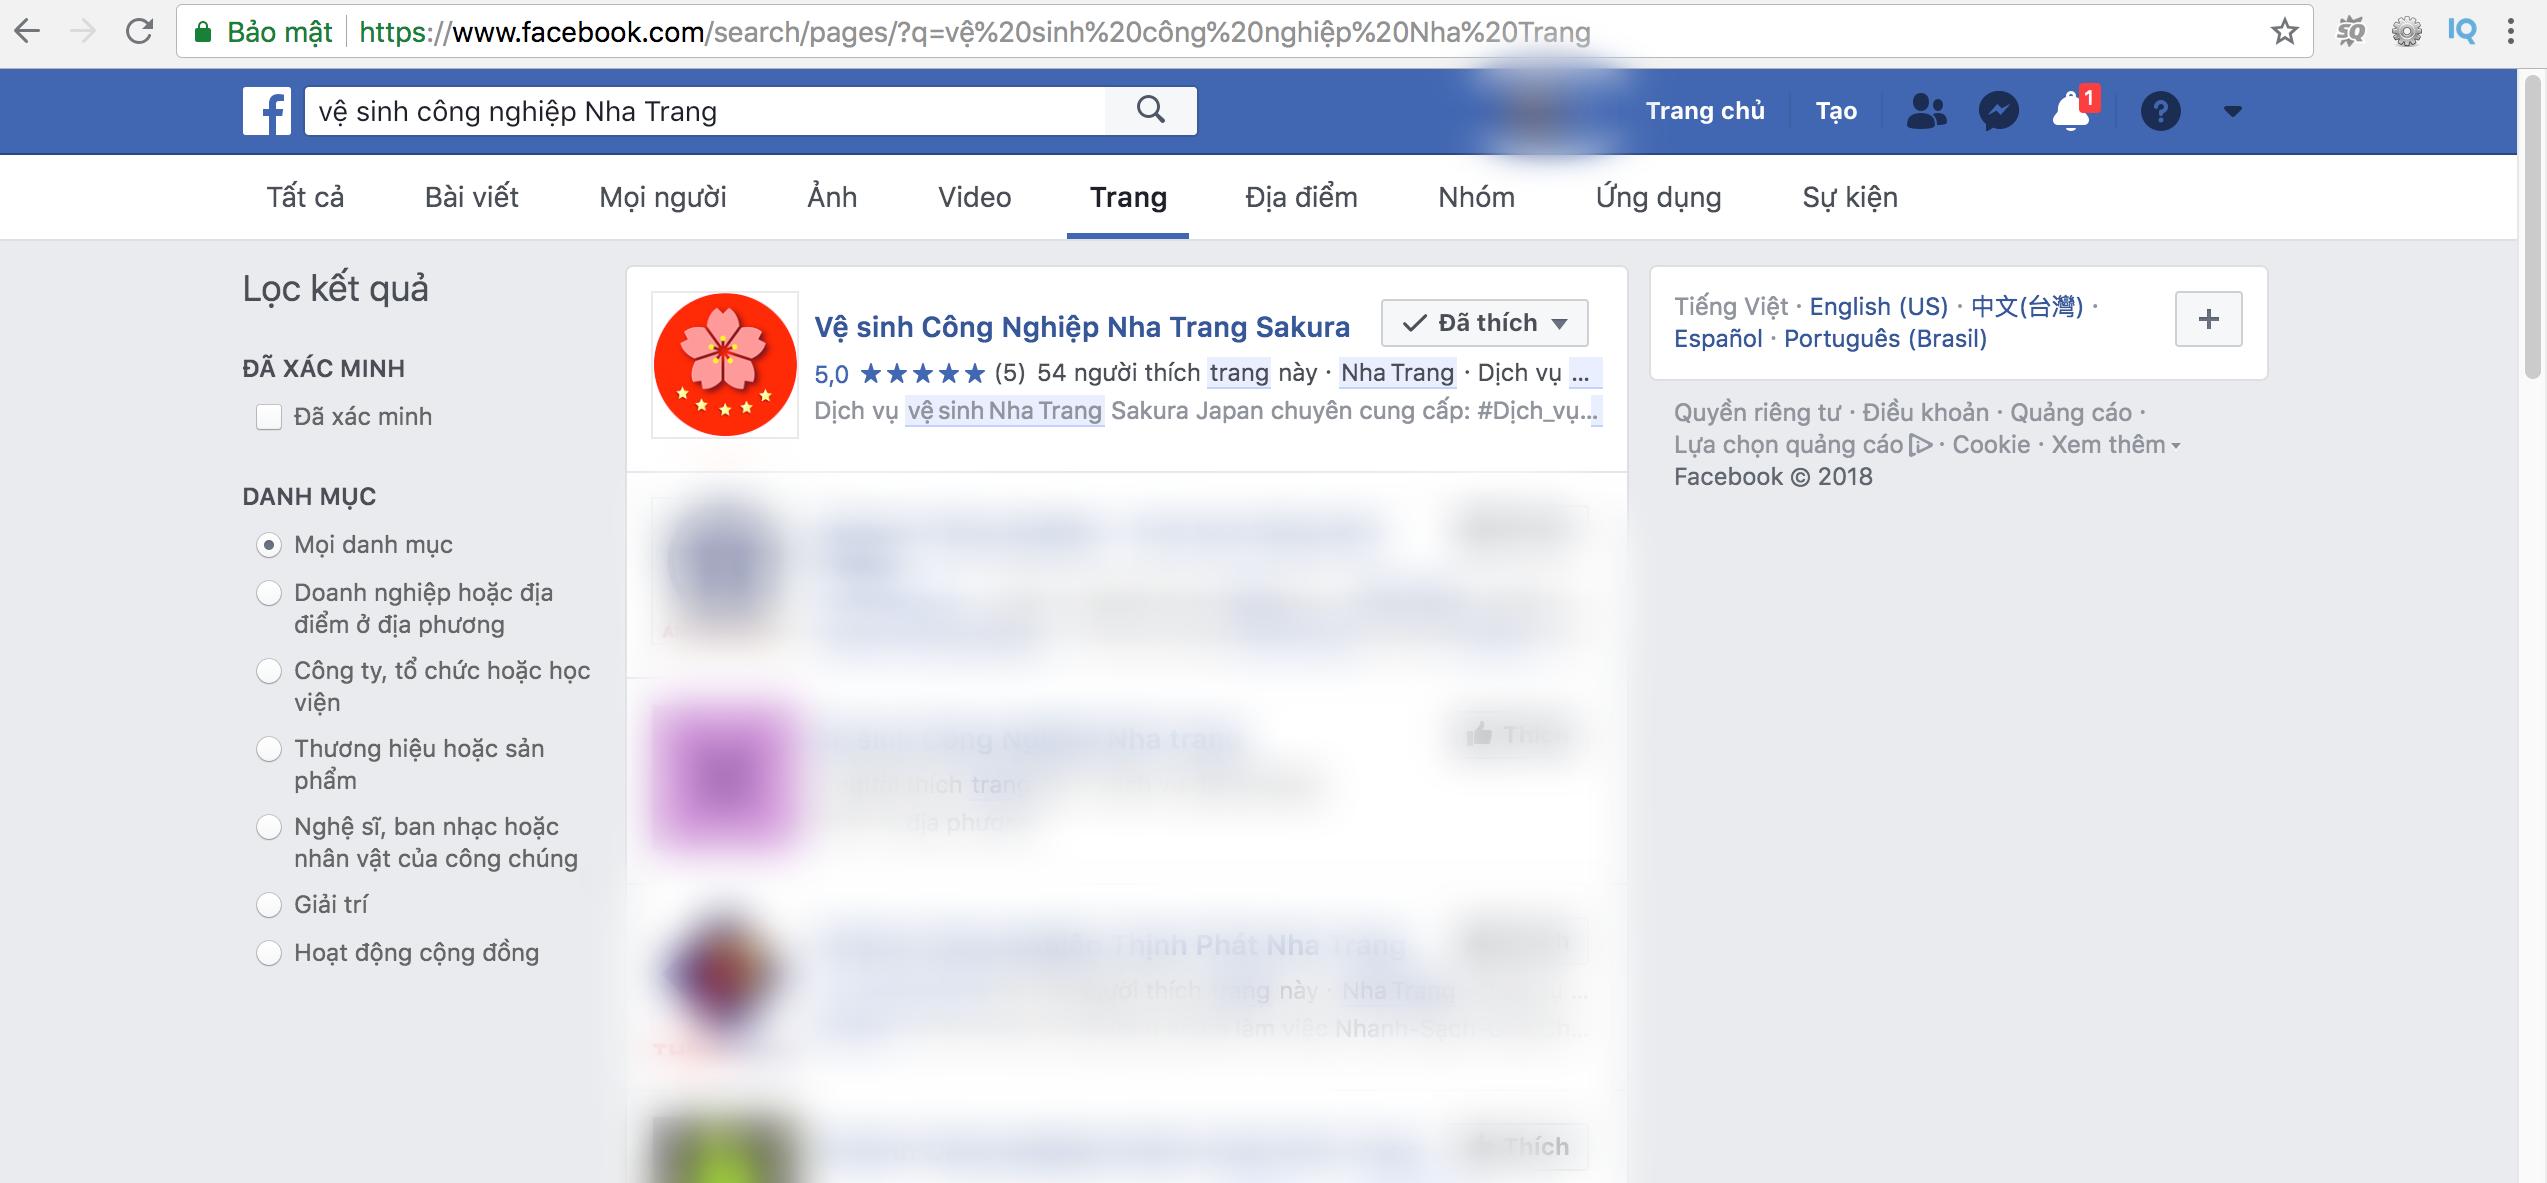 Dịch vụ vệ sinh Công nghiệp tại Nha Trang Sakura với top 1 Facebook